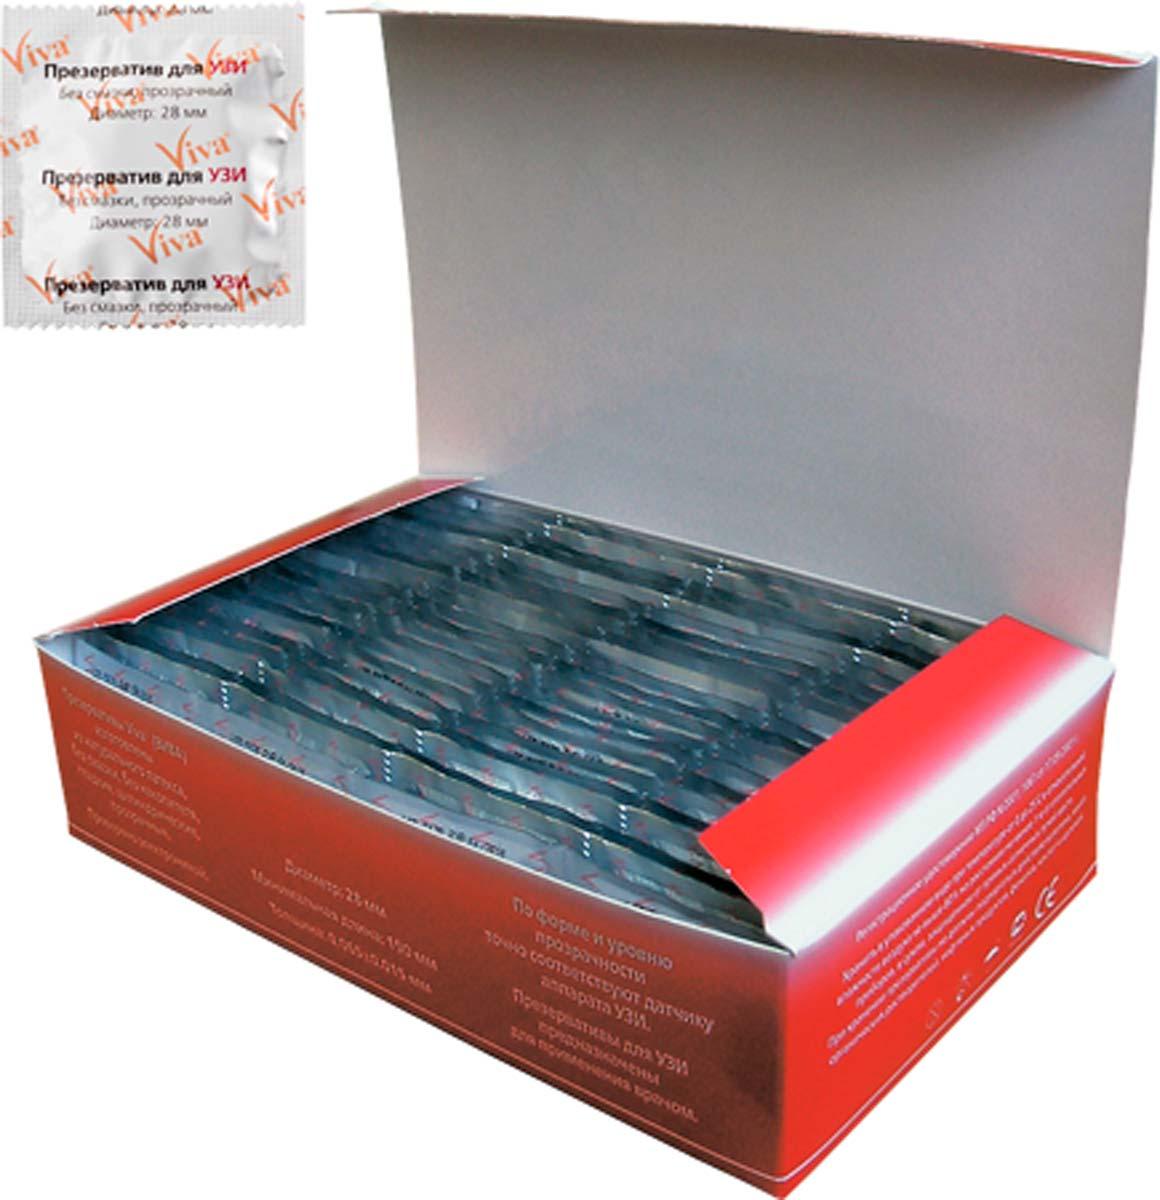 VIVA Презервативы для УЗИ, 100 шт ns novelties power play boomboom power wand черный вибромассажер для всего тела